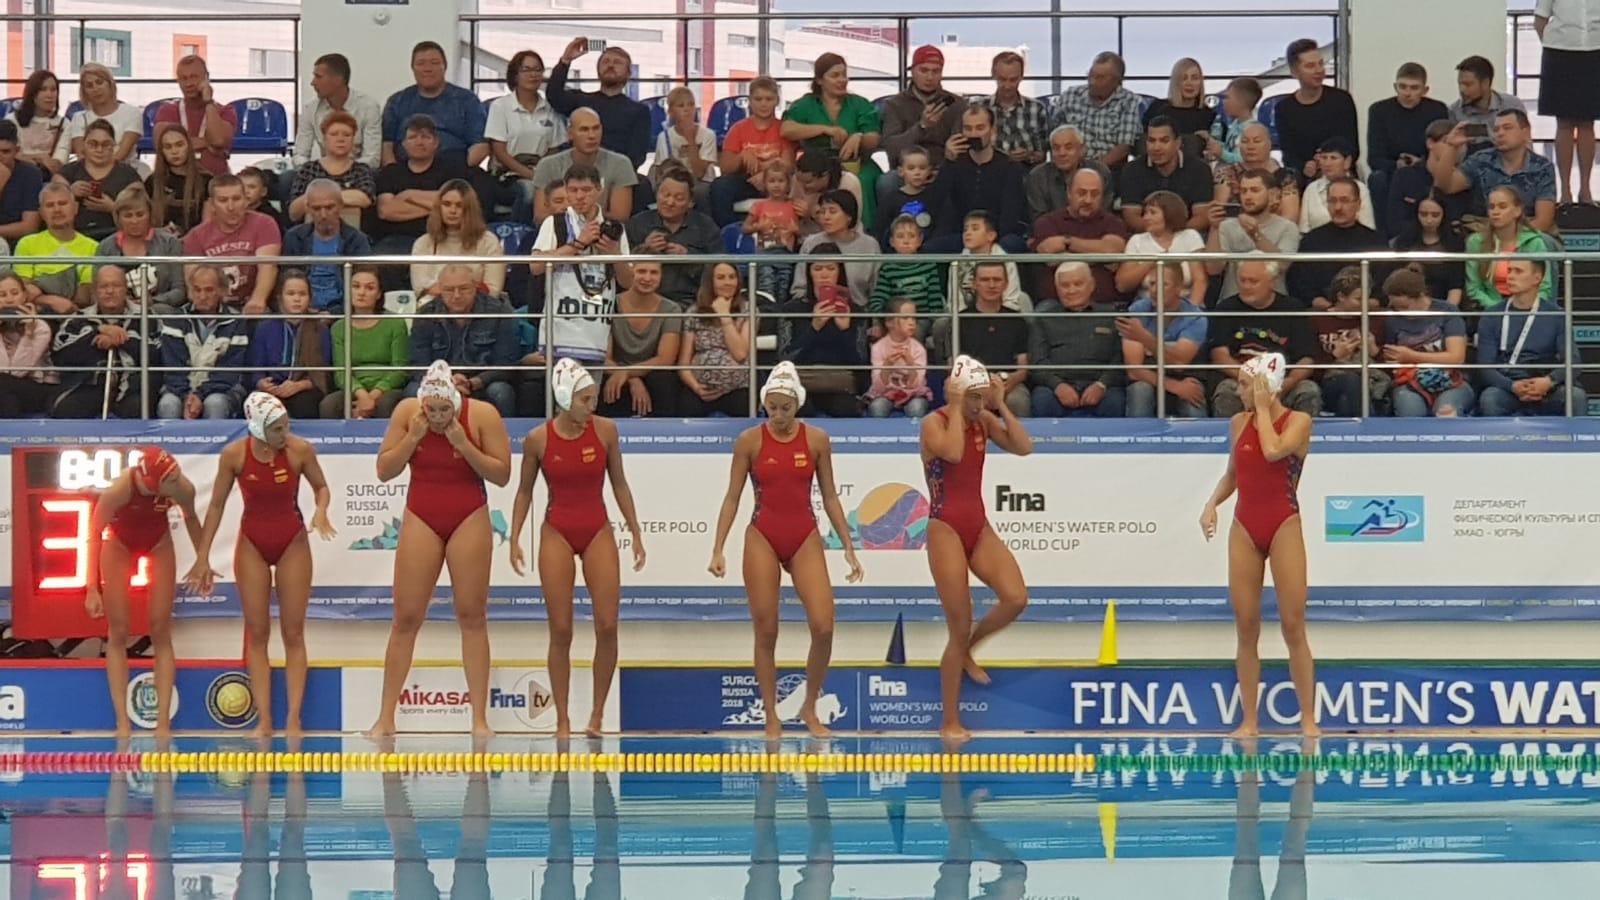 España durante el mundial femenino de waterpolo. Fuente: rfen